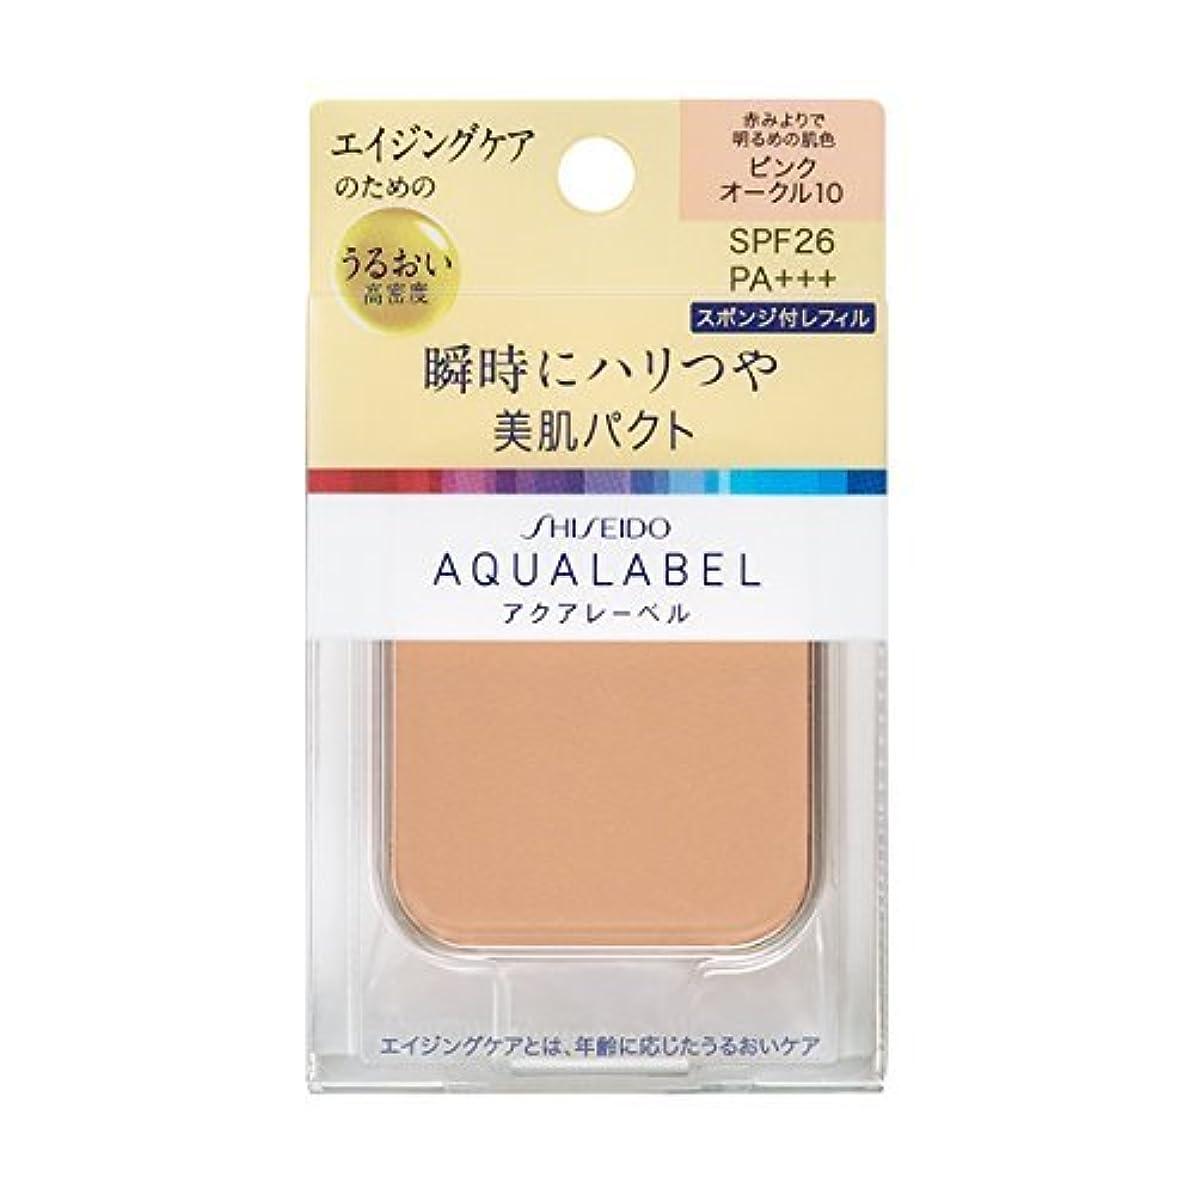 ビーム憲法信頼性のあるアクアレーベル 明るいつや肌パクト ピンクオークル10 (レフィル) 11.5g×6個